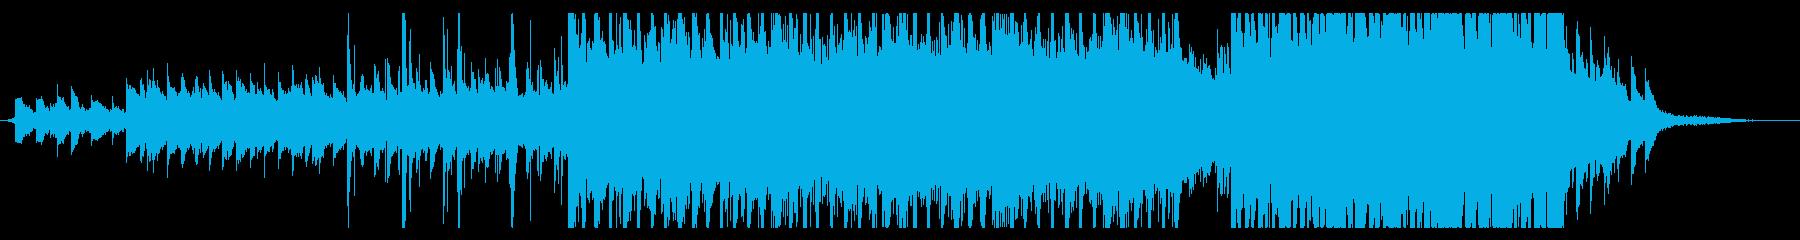 オープニング 幻想的 機械 ファンタジーの再生済みの波形